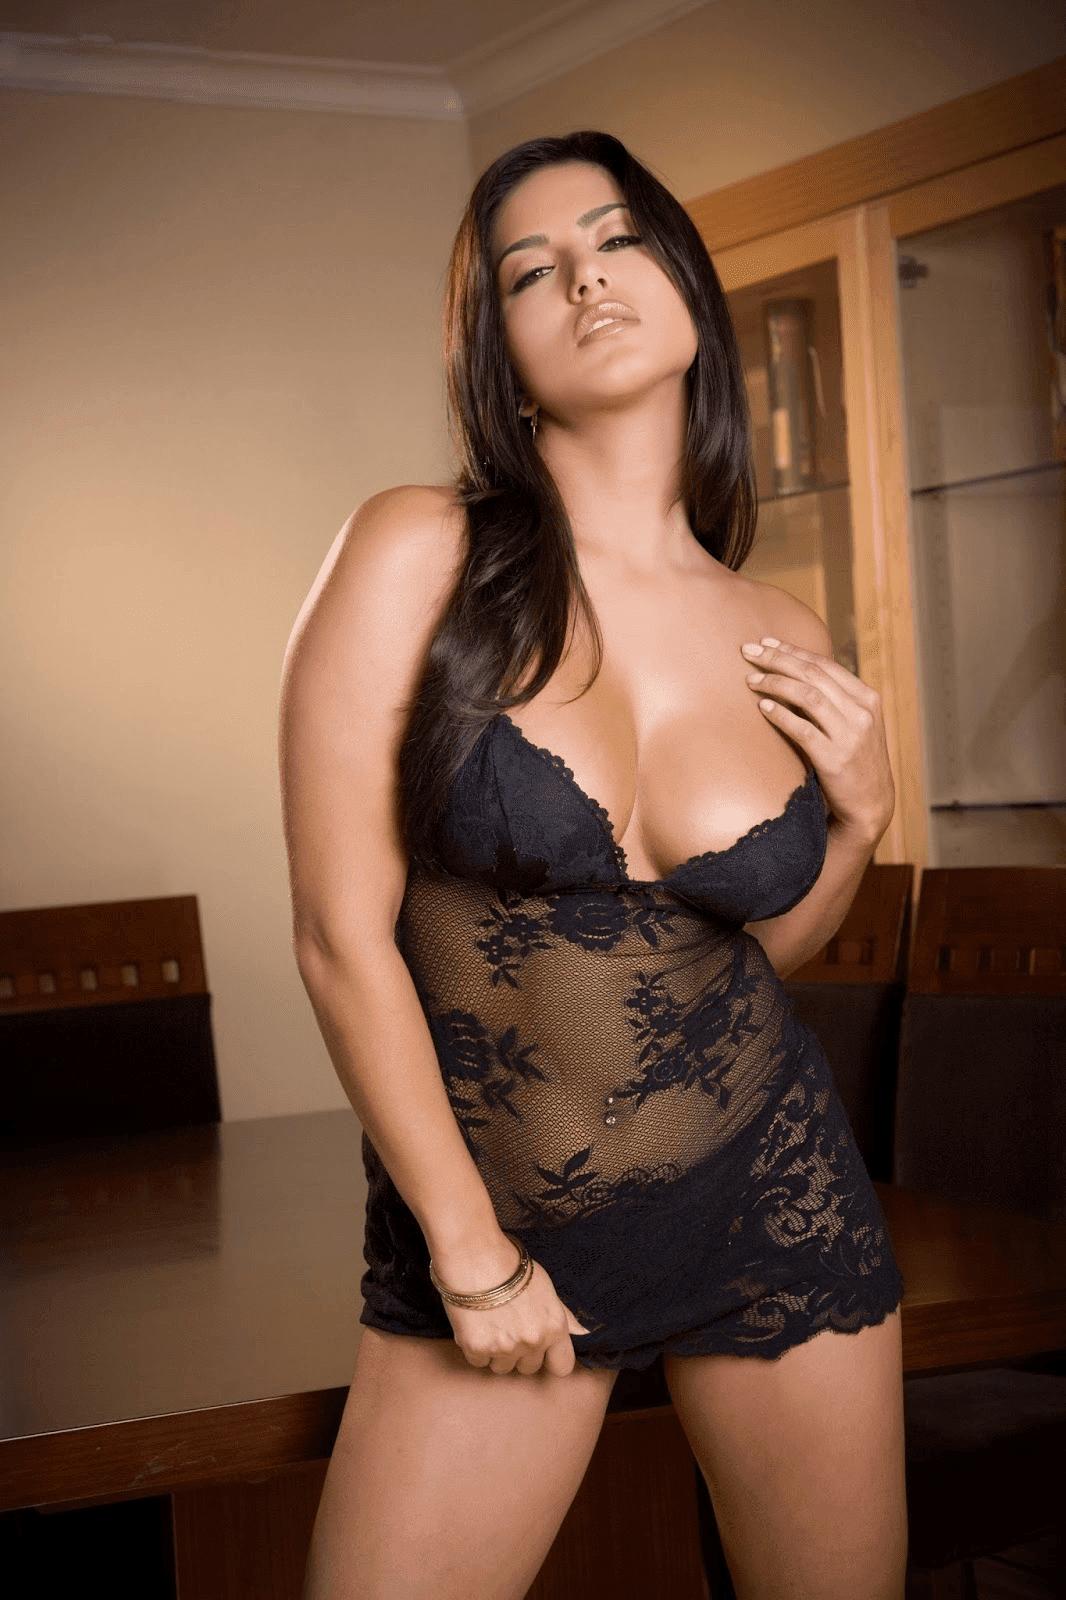 Chicas de bomba de gas desnudas